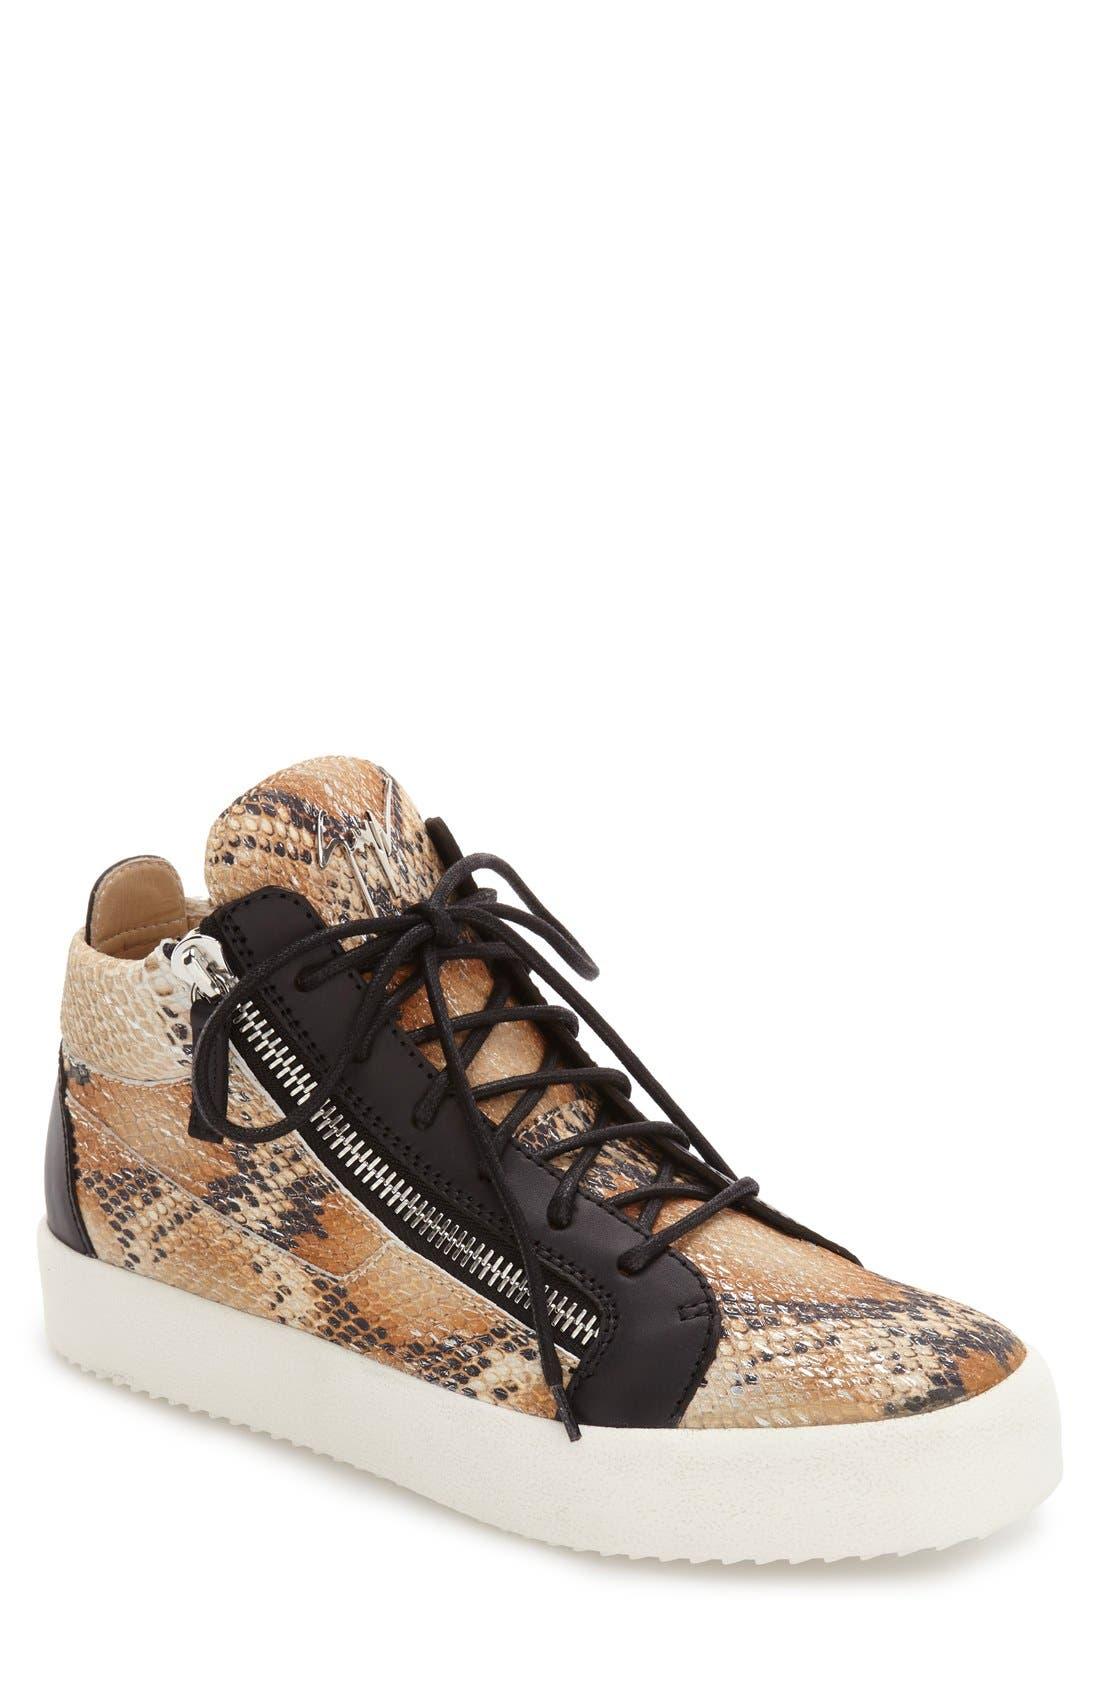 GIUSEPPE ZANOTTI Snake Embossed Mid Top Sneaker